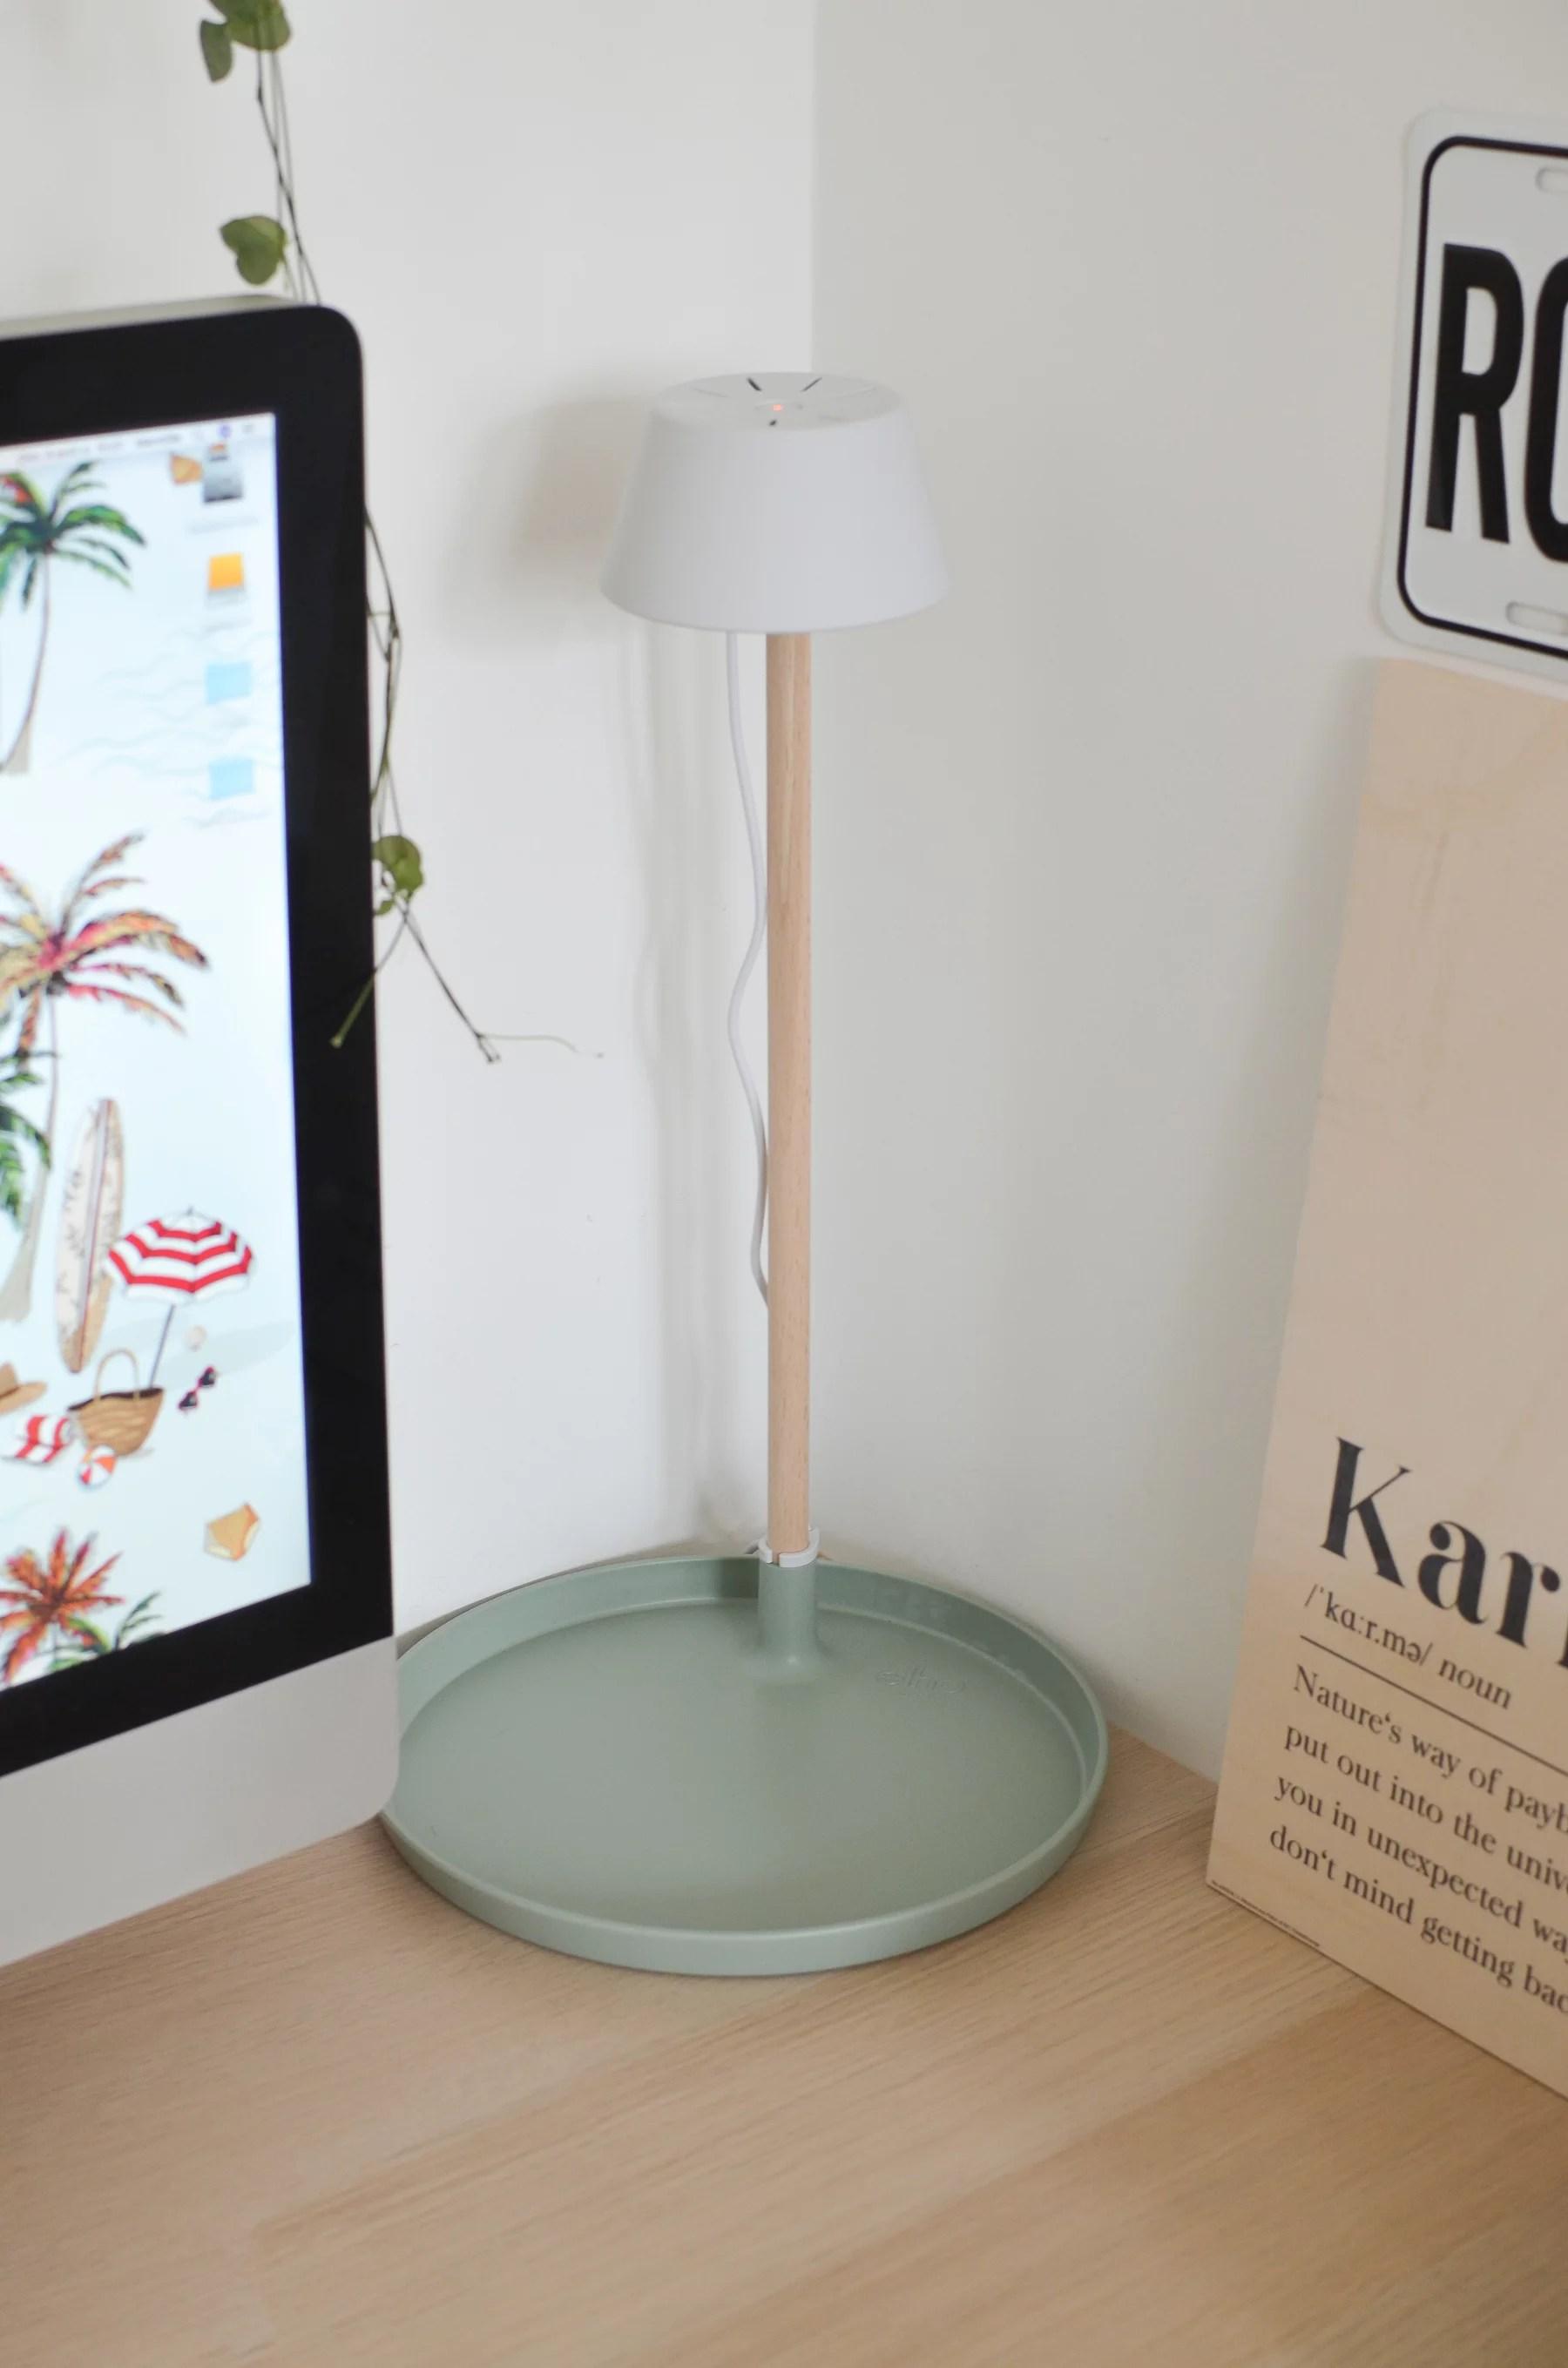 elho accessoires plante marmille jungle - Mes objets et accessoires design pour ma petite jungle urbaine